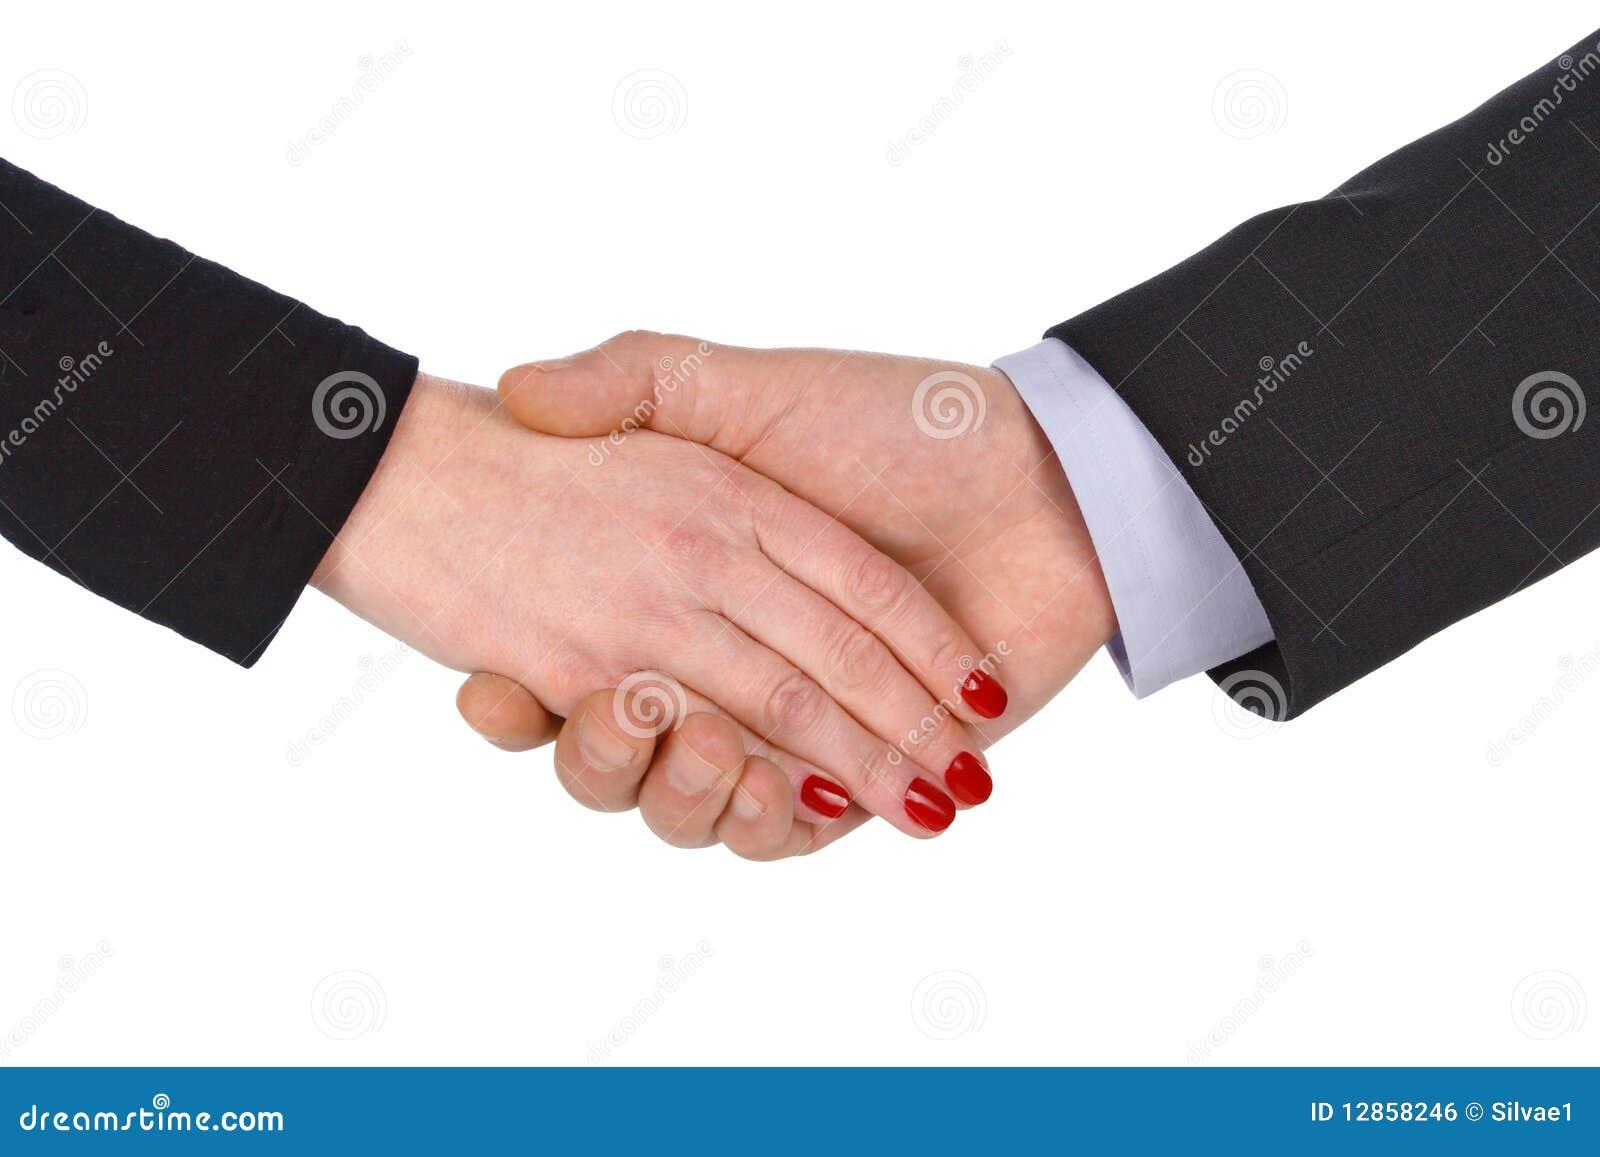 Business handshake stock photo. Image of handshake, formal ...